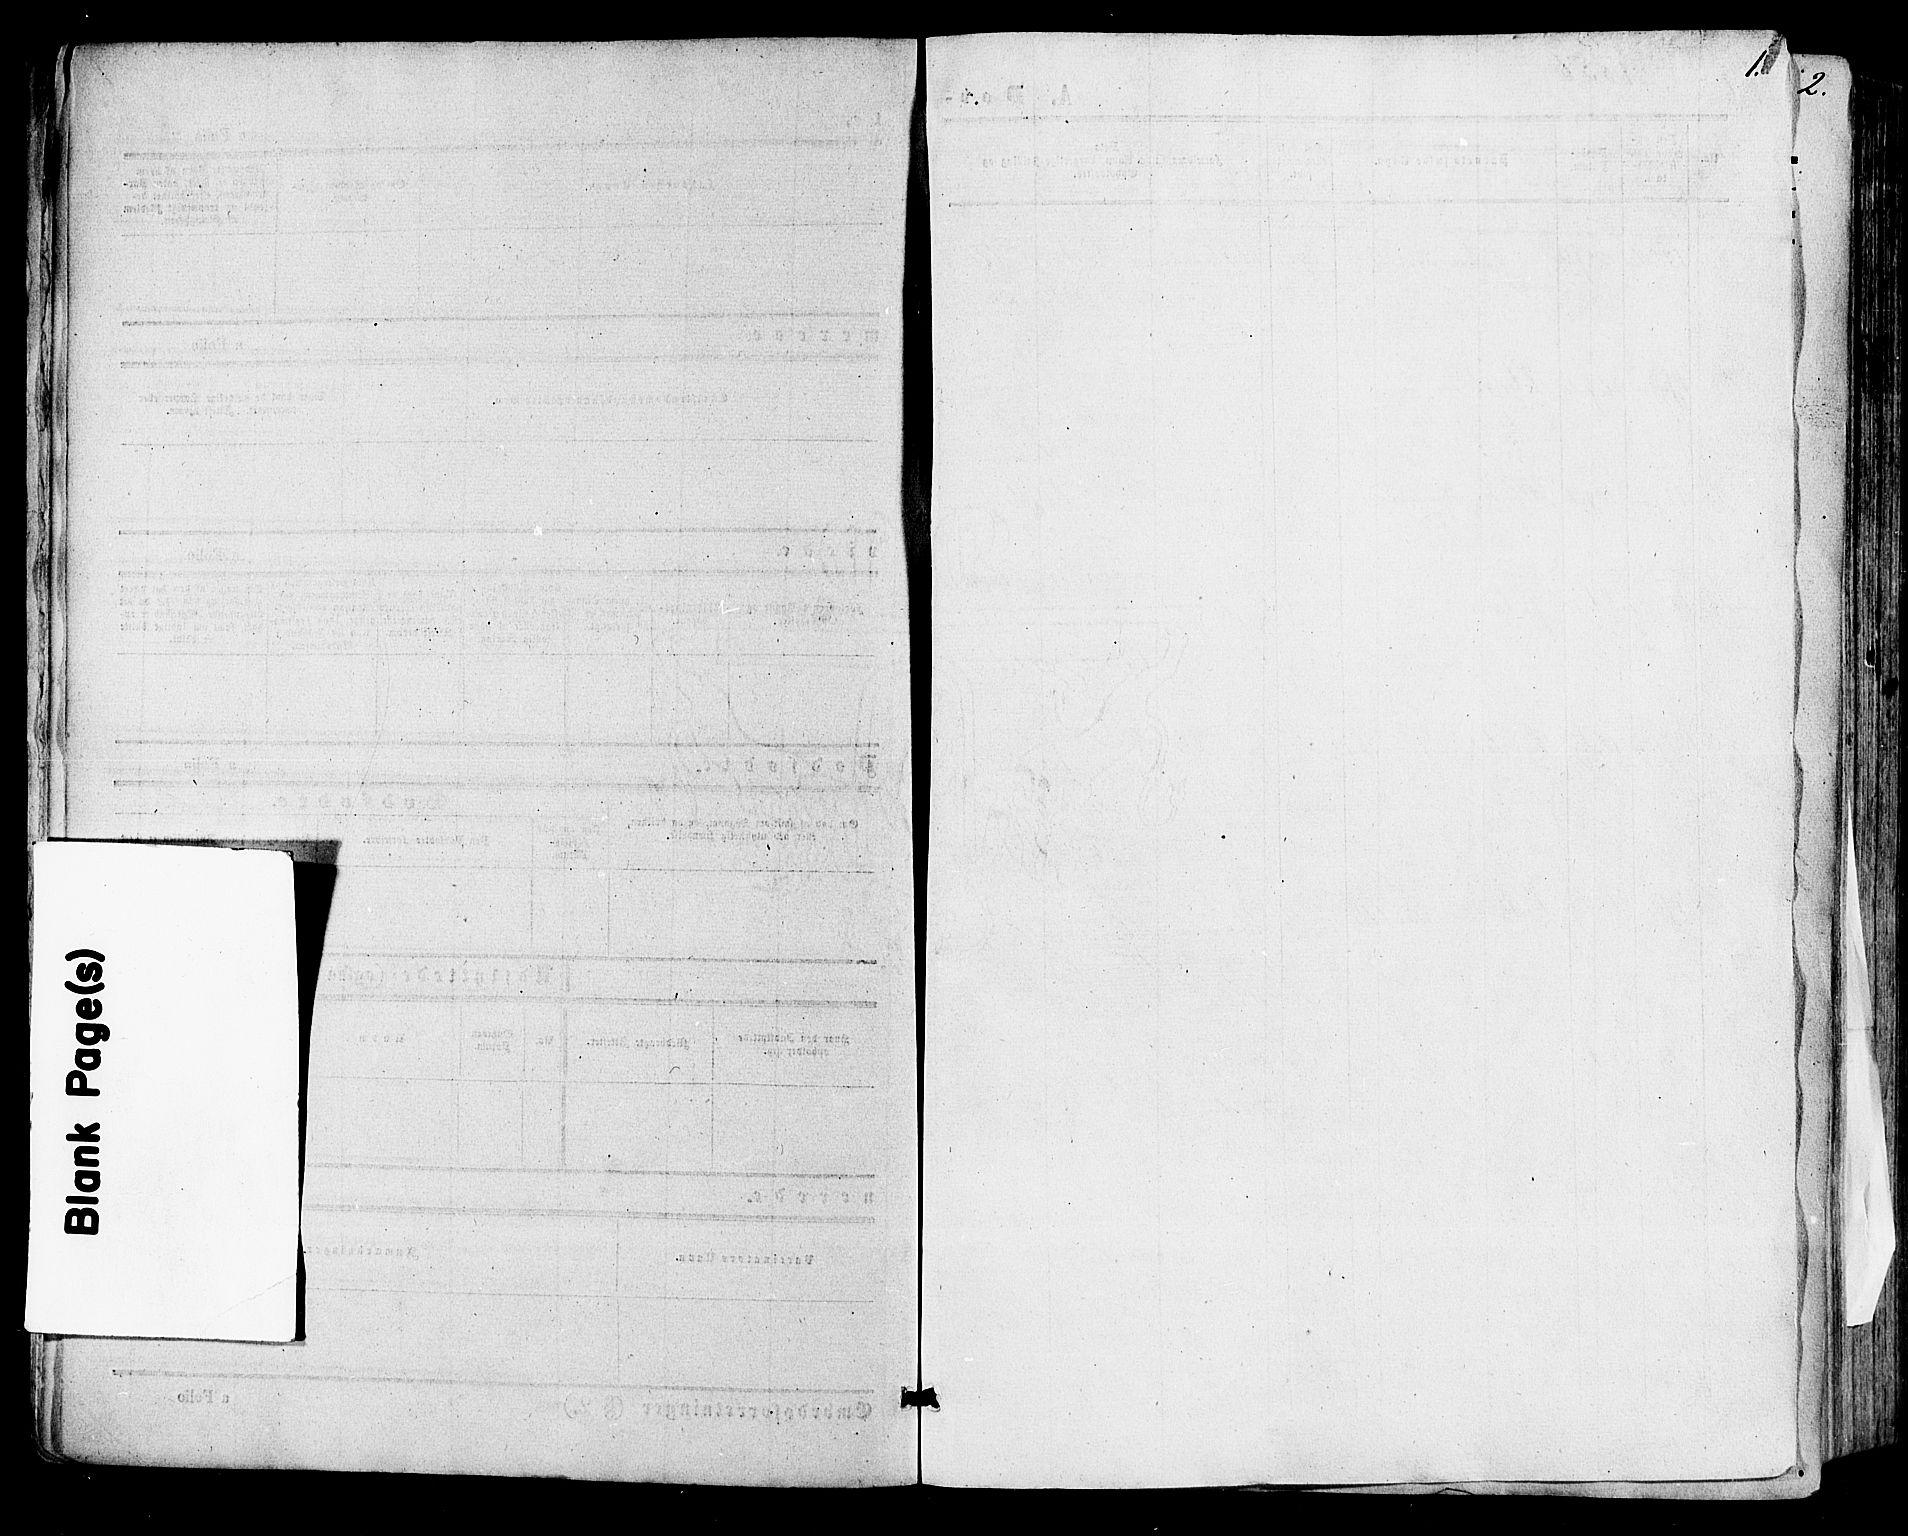 SAKO, Skien kirkebøker, F/Fa/L0007: Ministerialbok nr. 7, 1856-1865, s. 1